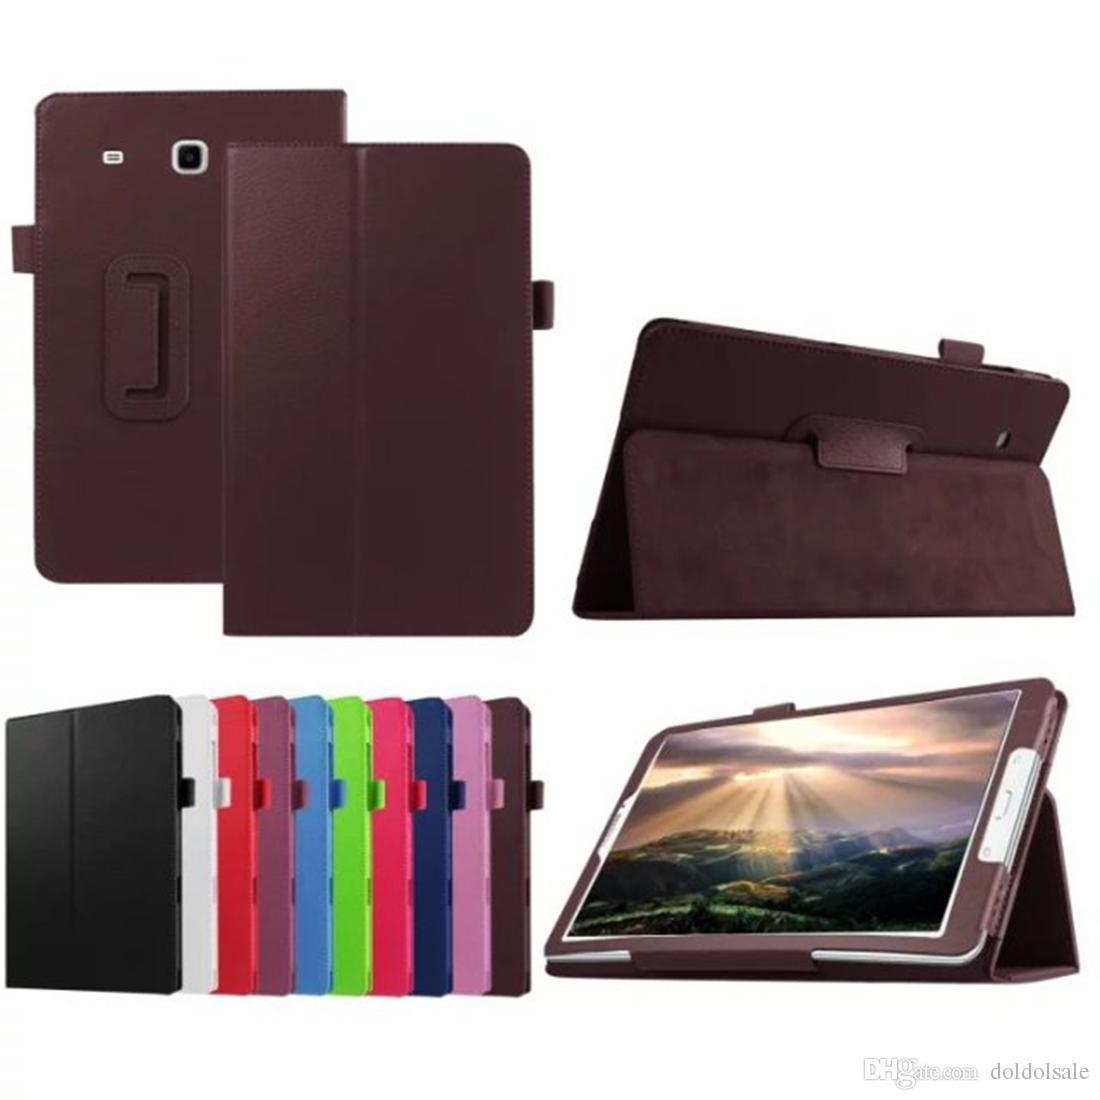 삼성 전자 갤럭시 탭 E 8.0 T377 T377V SM-T377 T377P 태블릿 케이스 + 스크린 프로텍터 보호 필름에 대 한 비즈니스 PU 가죽 커버